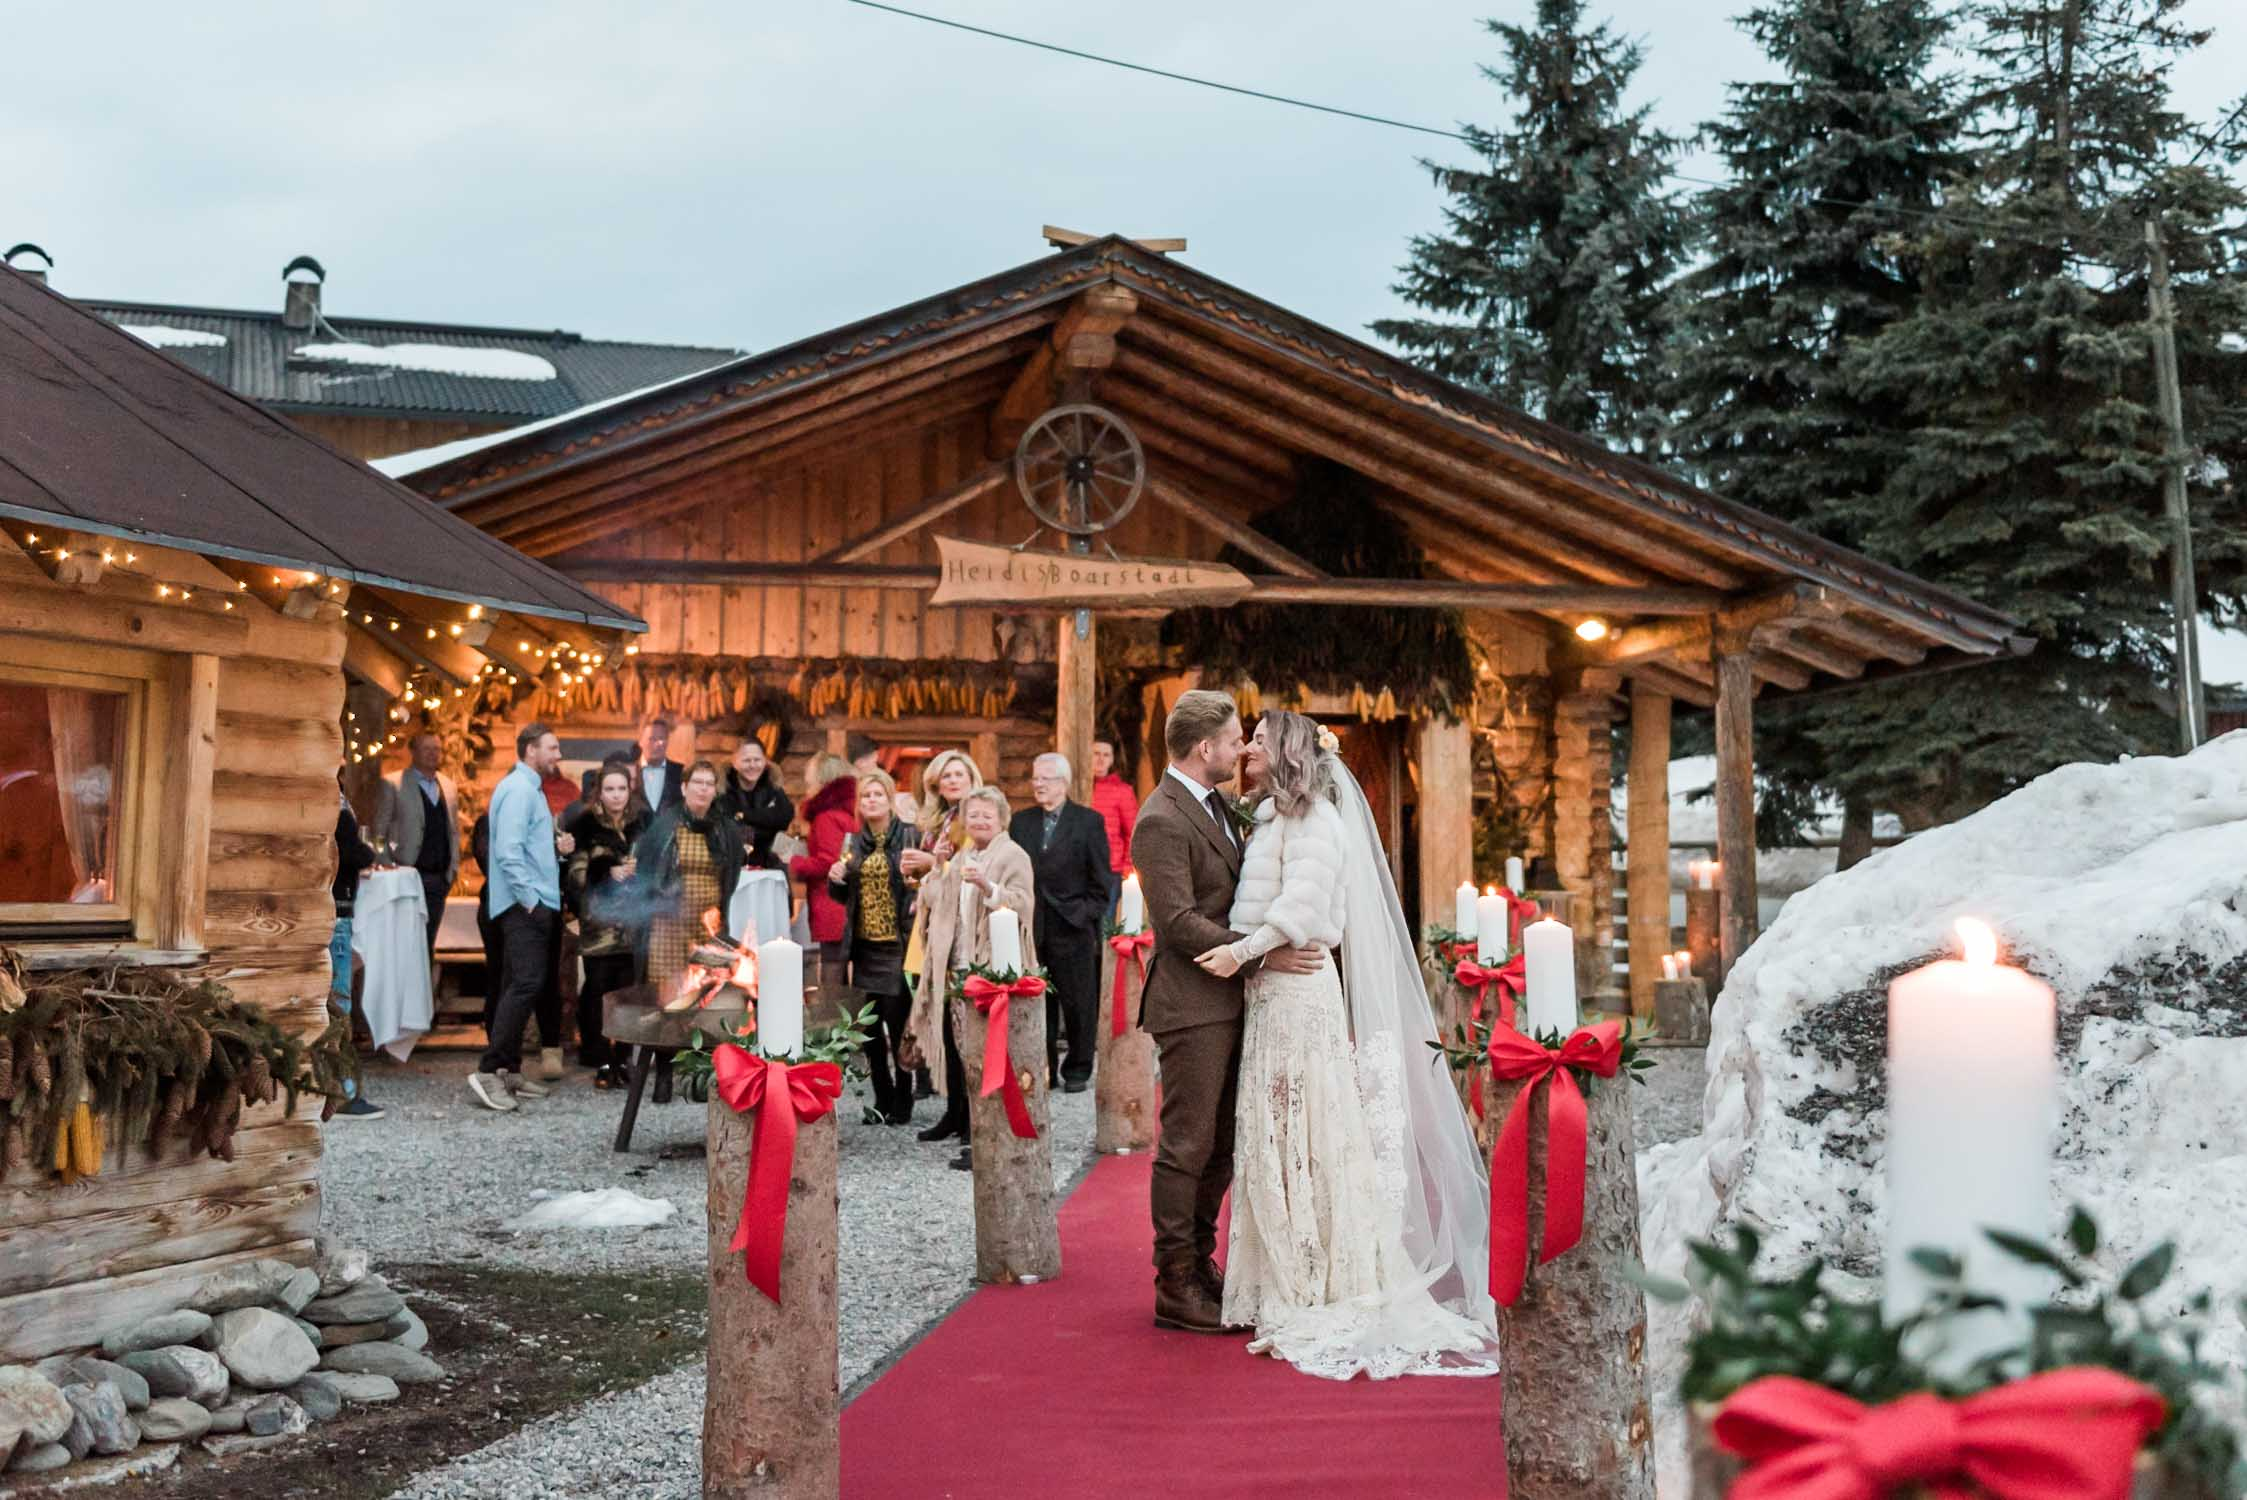 Bruidspaar bij kaarslicht op hun bruiloft in Tirol in Oostenrijk